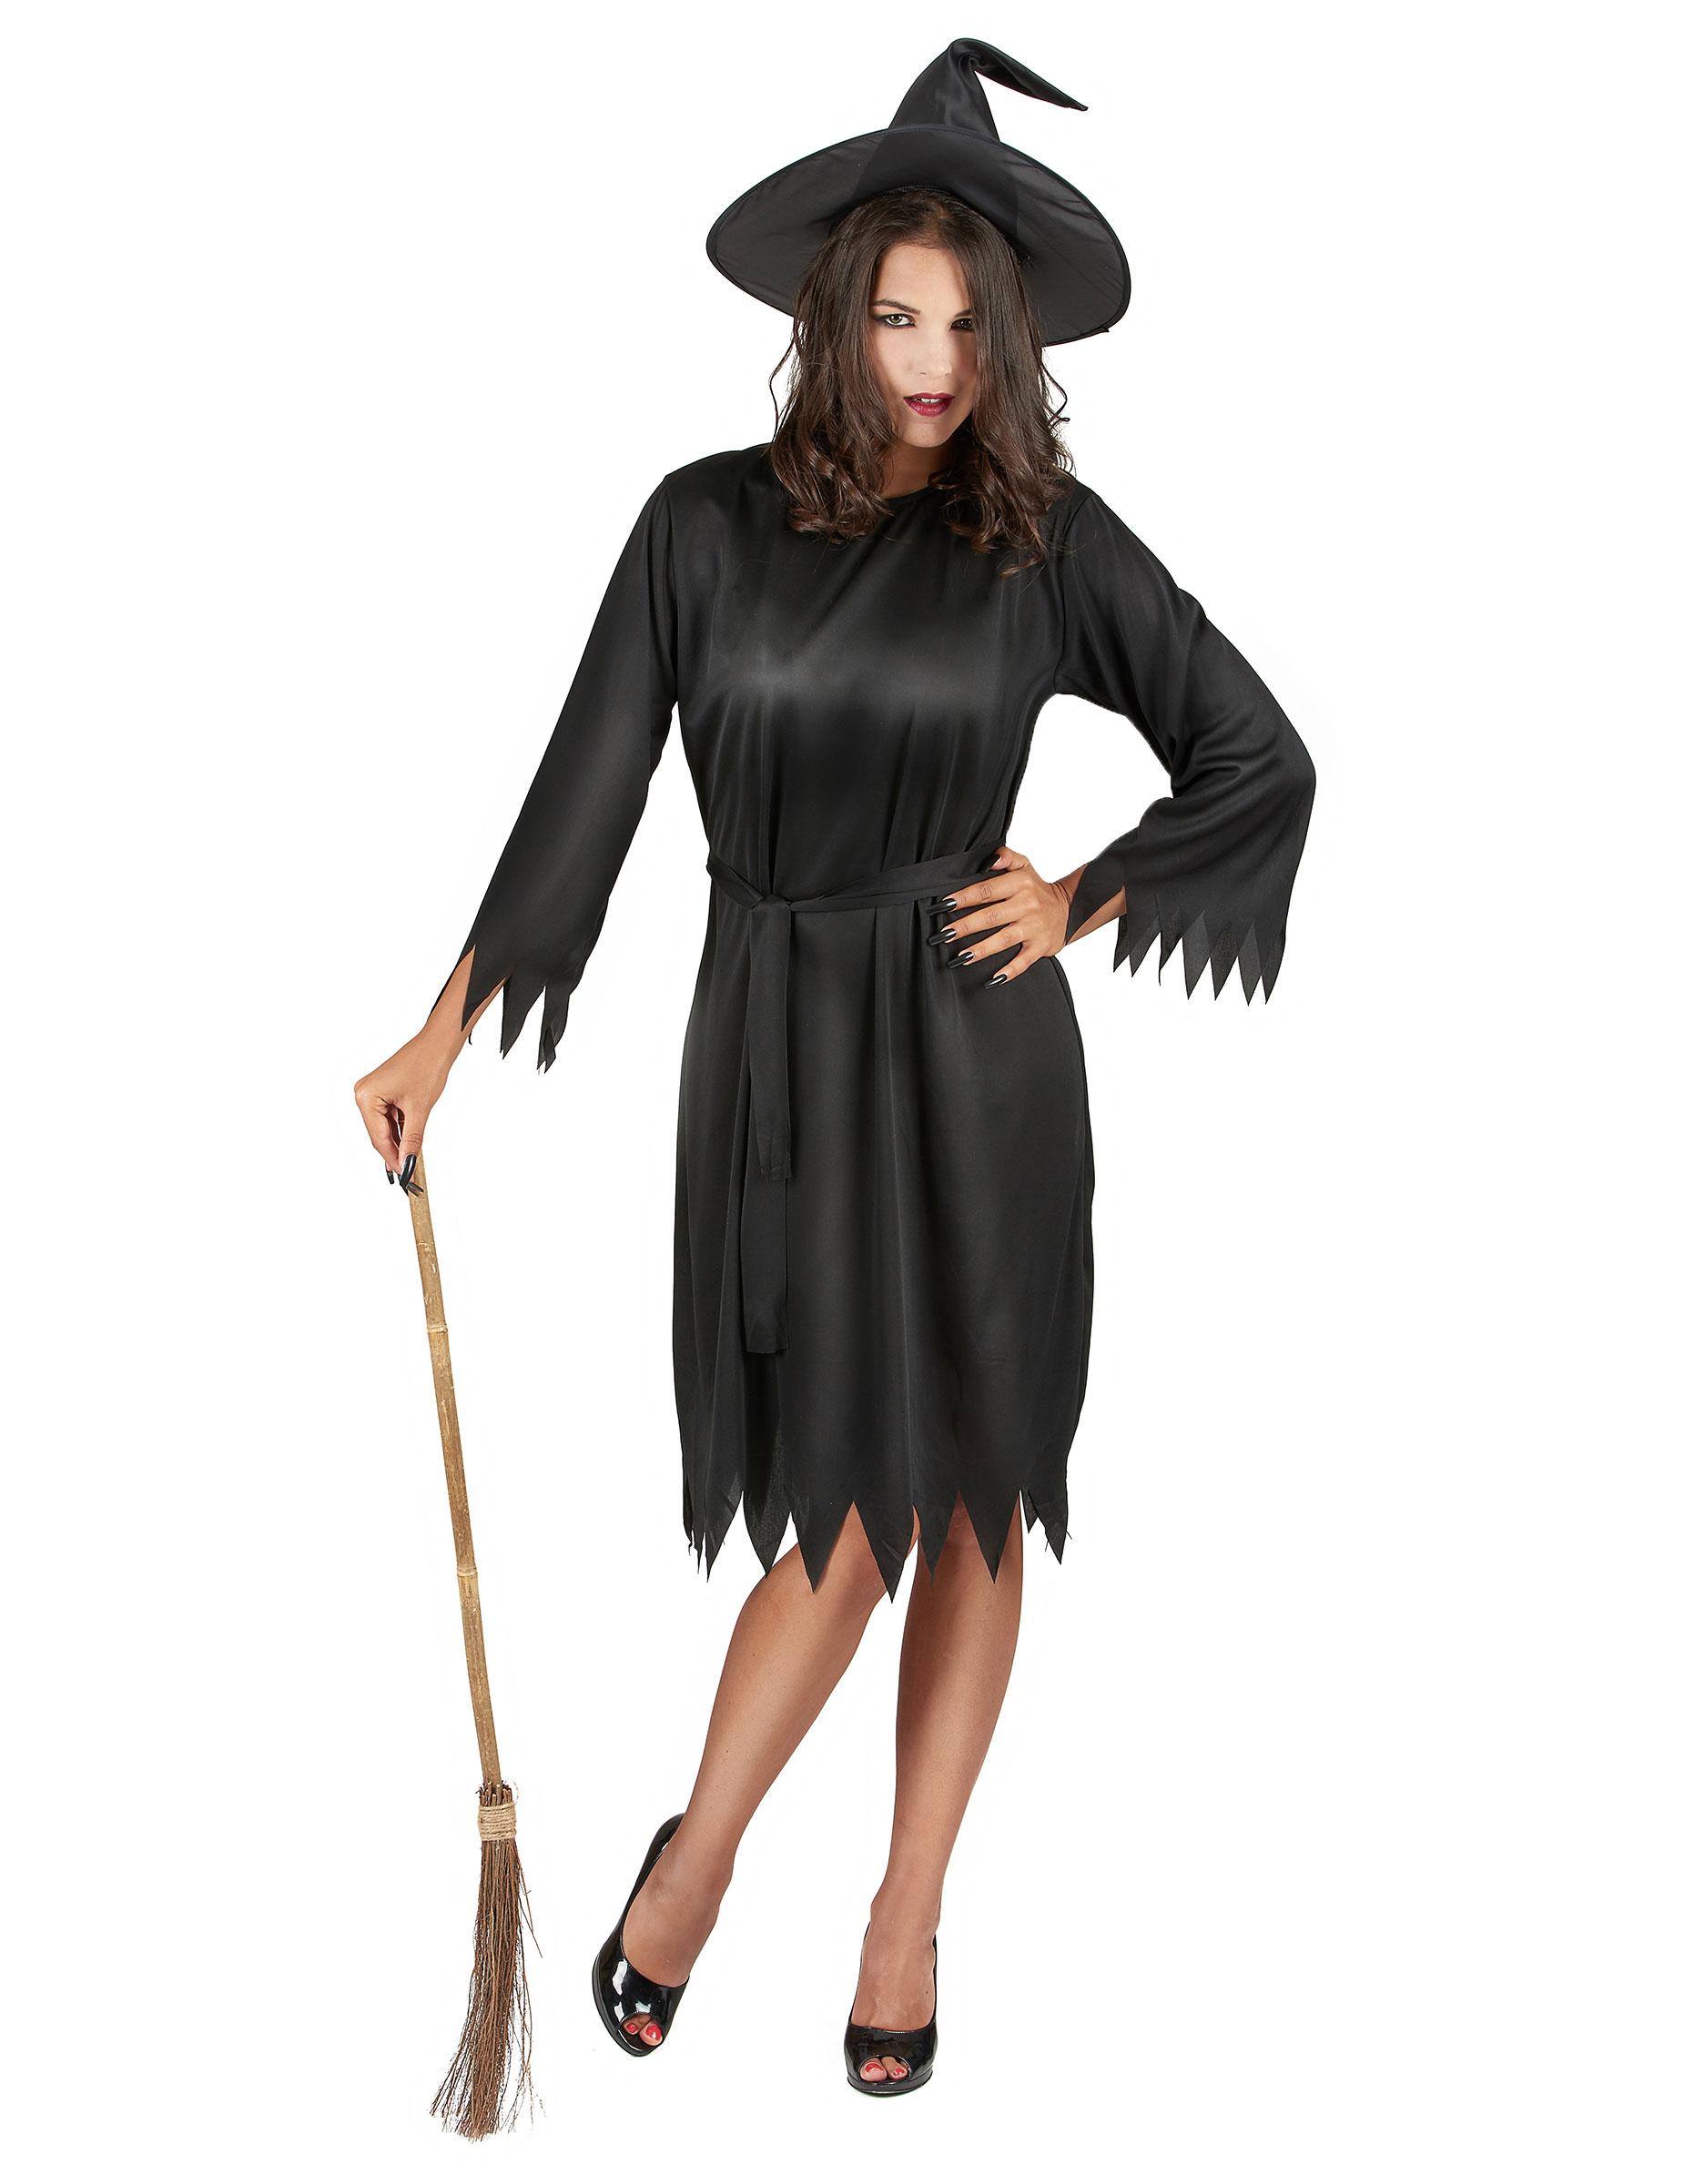 Vestiti Halloween Strega.Costume Da Strega Donna Halloween Su Vegaooparty Negozio Di Articoli Per Feste